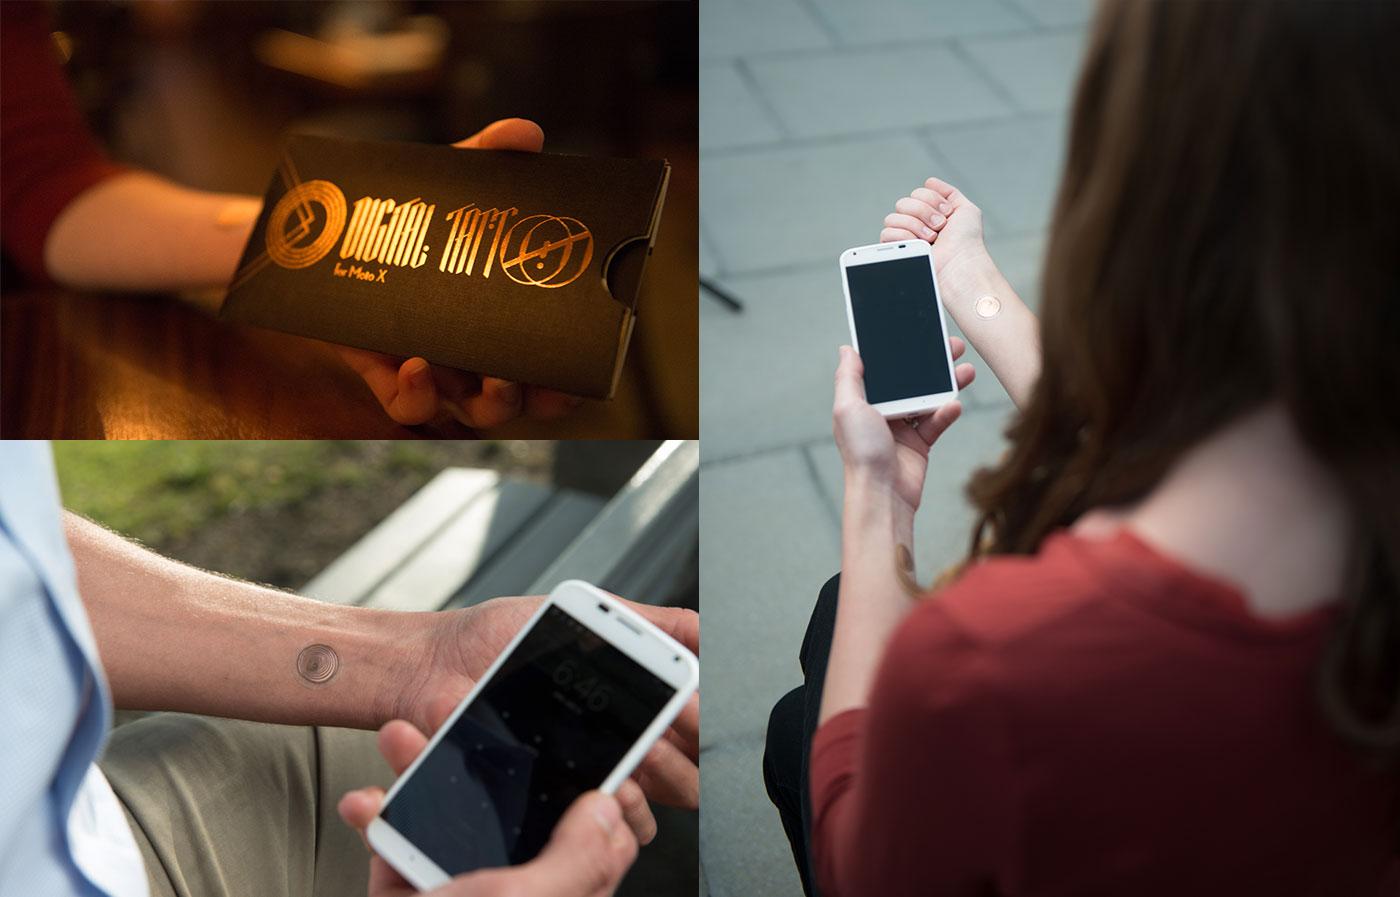 Mở khóa điện thoại bằng hình xăm số Digital Tattoo